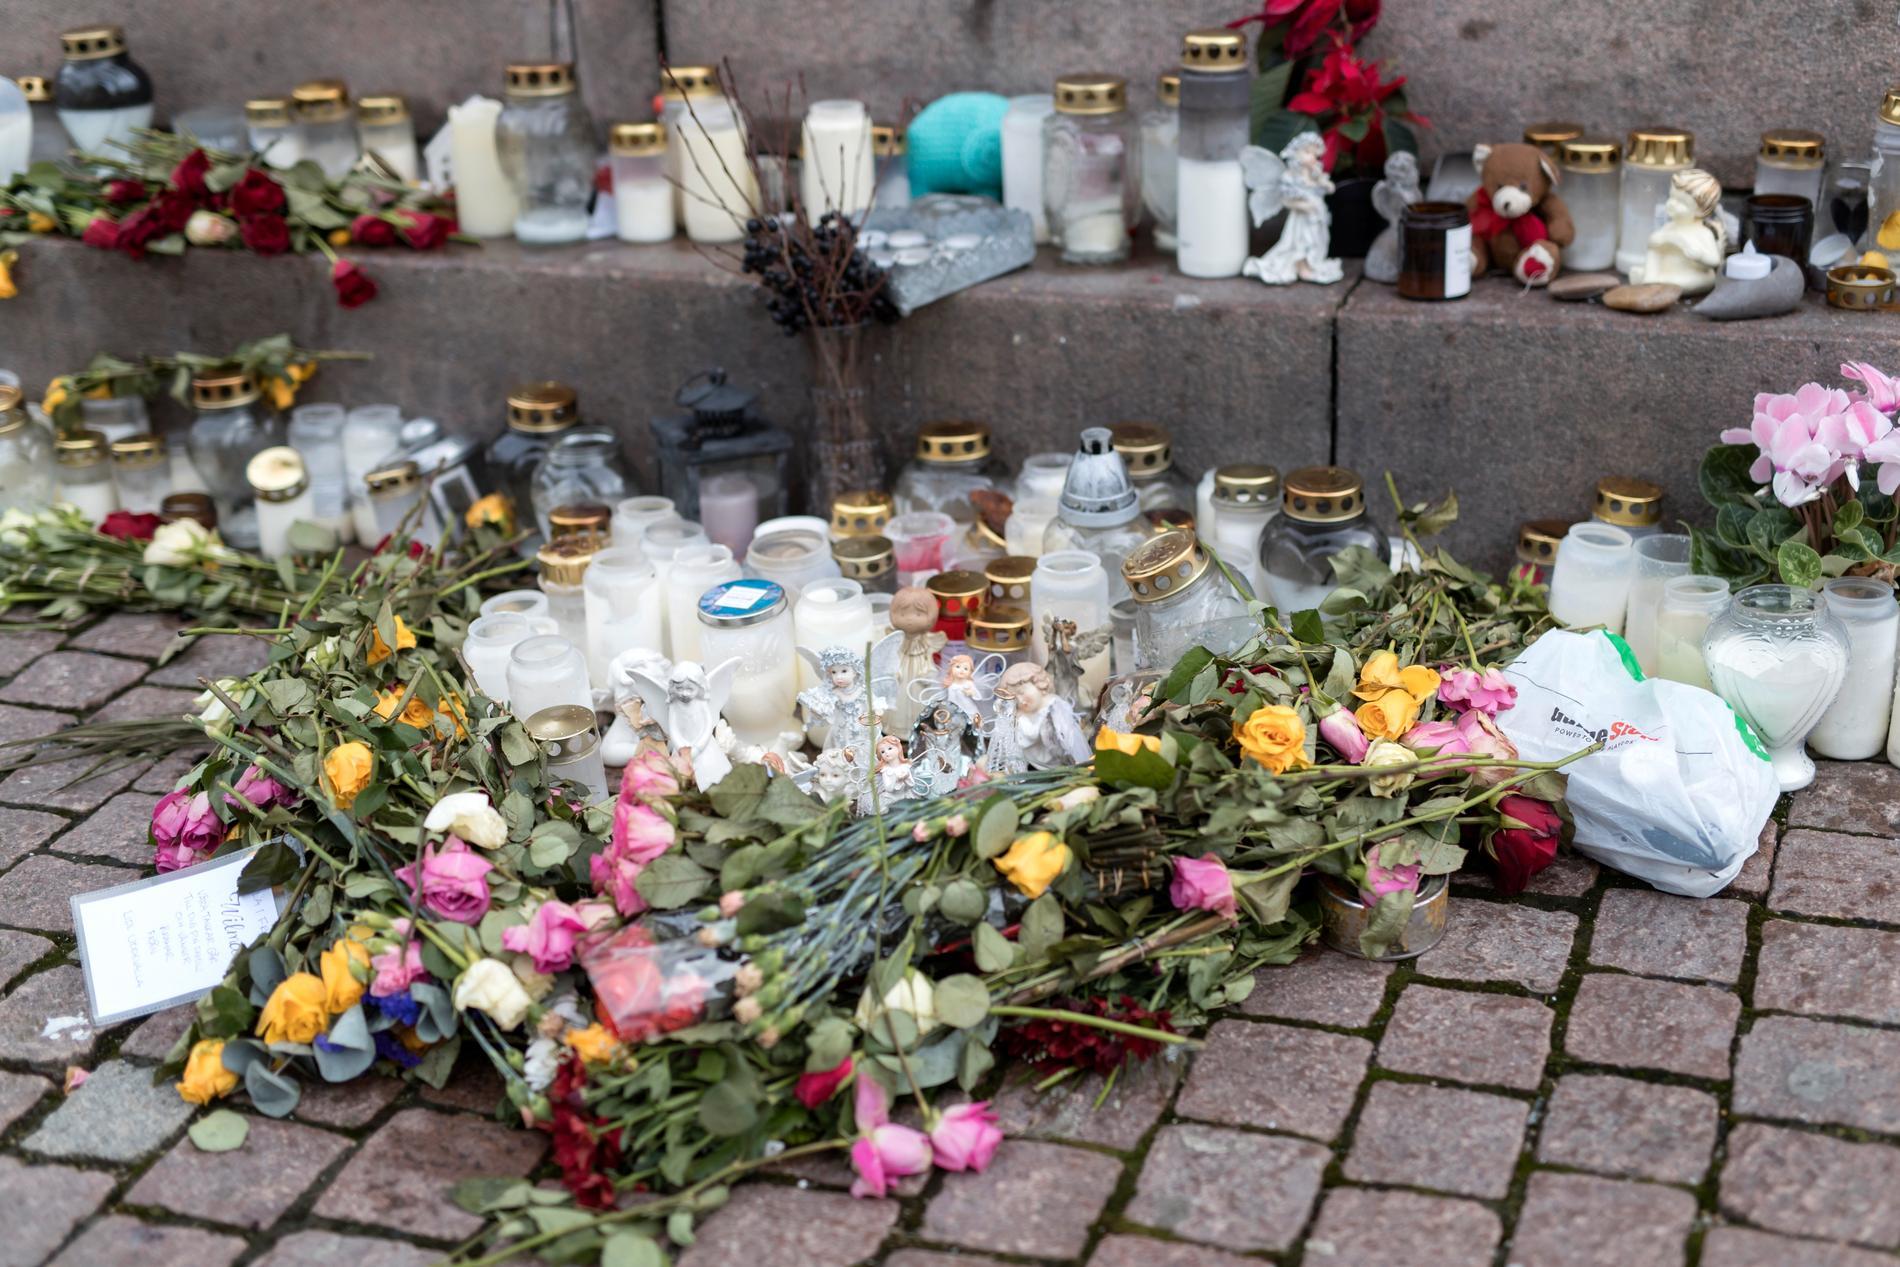 Blommor och ljus på en minnesplats för den försvunna 17-åringen i centrala Uddevalla i december.